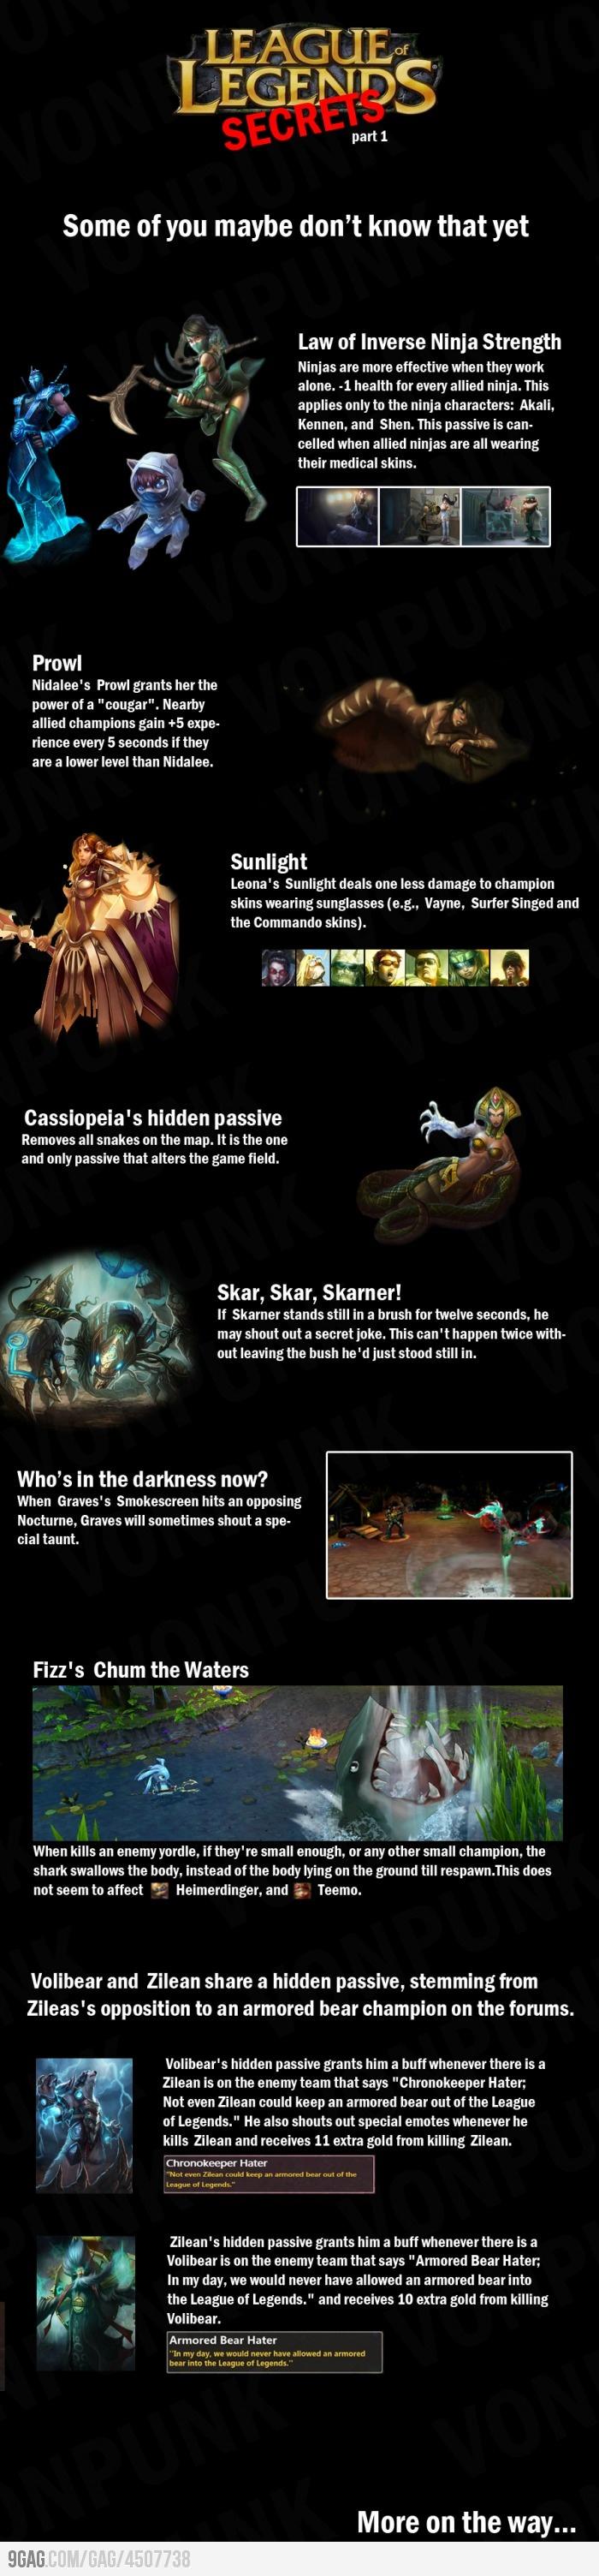 League Of Legends lvl: hidden passives